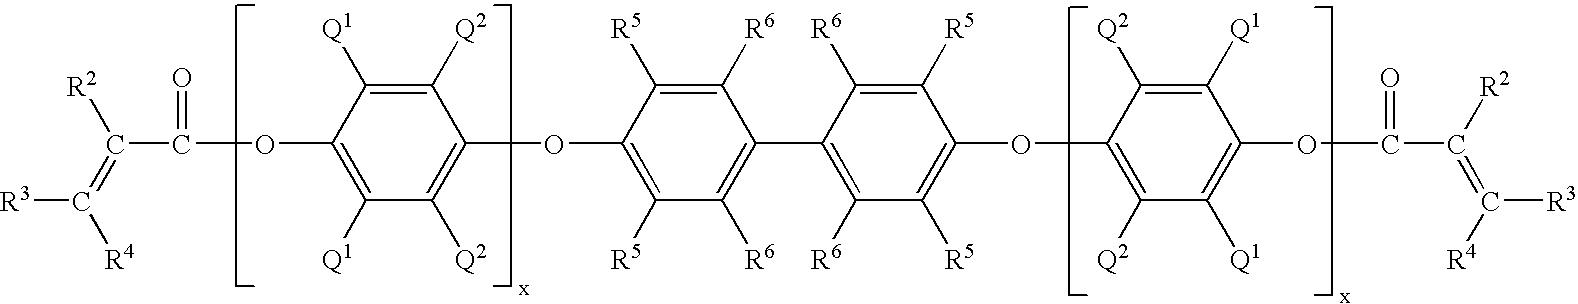 Figure US20060041086A1-20060223-C00004